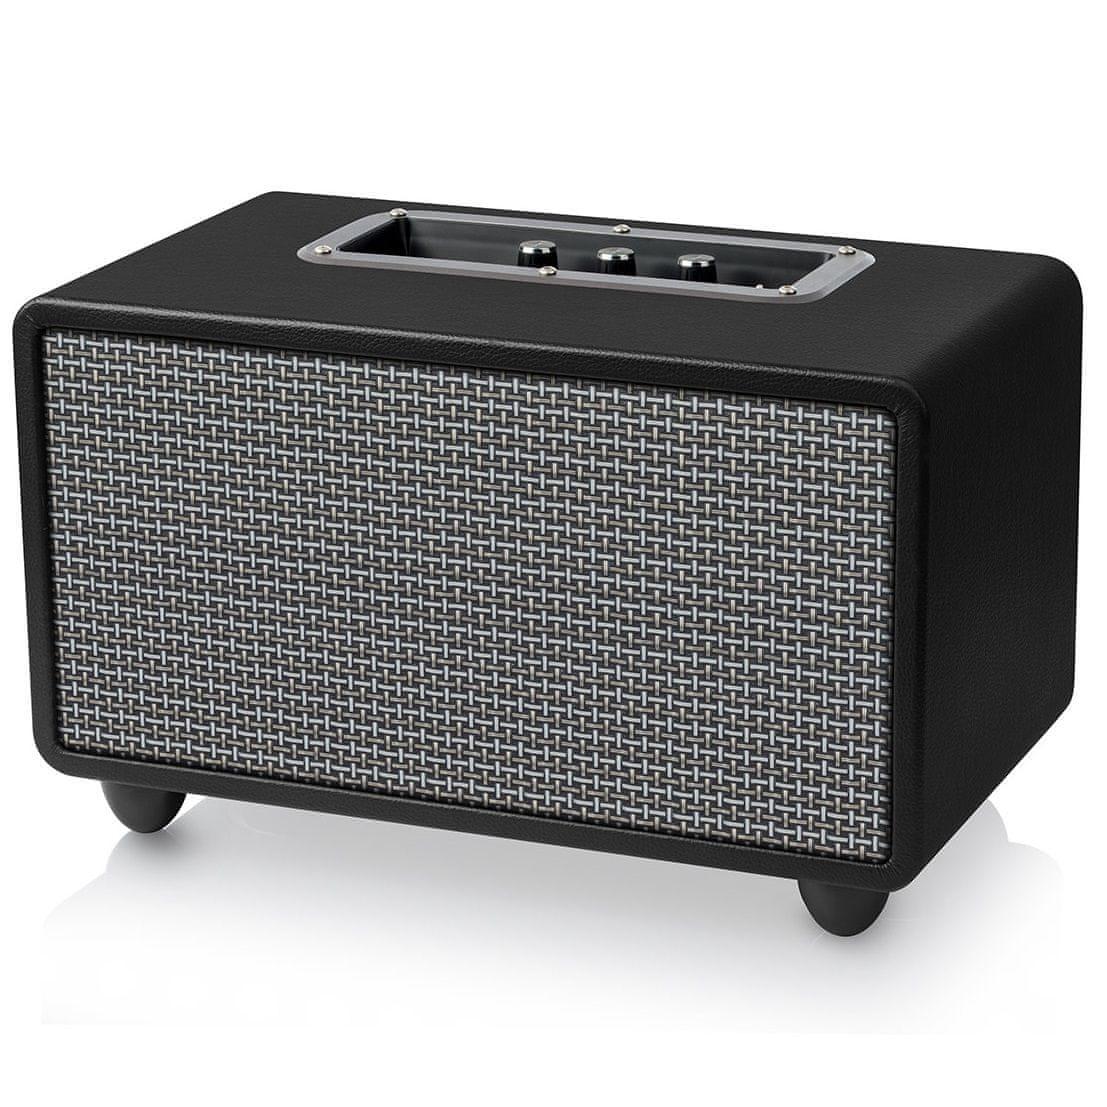 Brezžični zvočnik Niceboy BOOGIE classic je izdelan iz kakovostne konstrukcije iz usnja